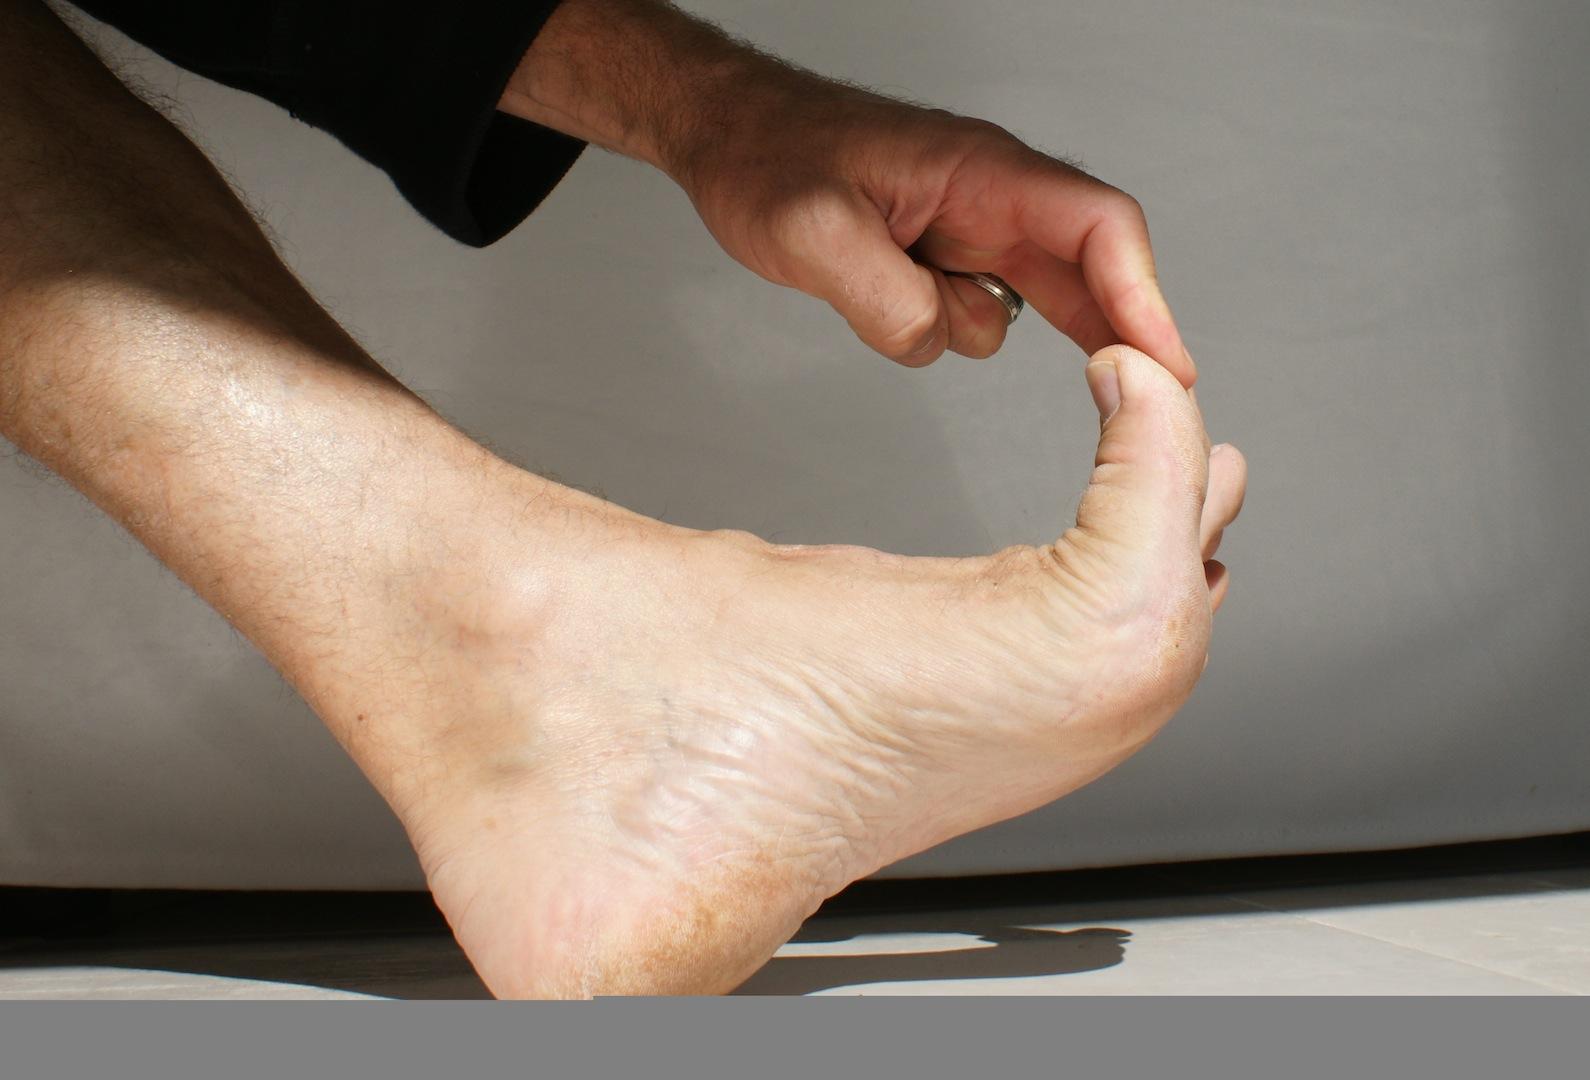 Comment soigner un durillon sous le pied - Bain de pied au gros sel et vinaigre ...